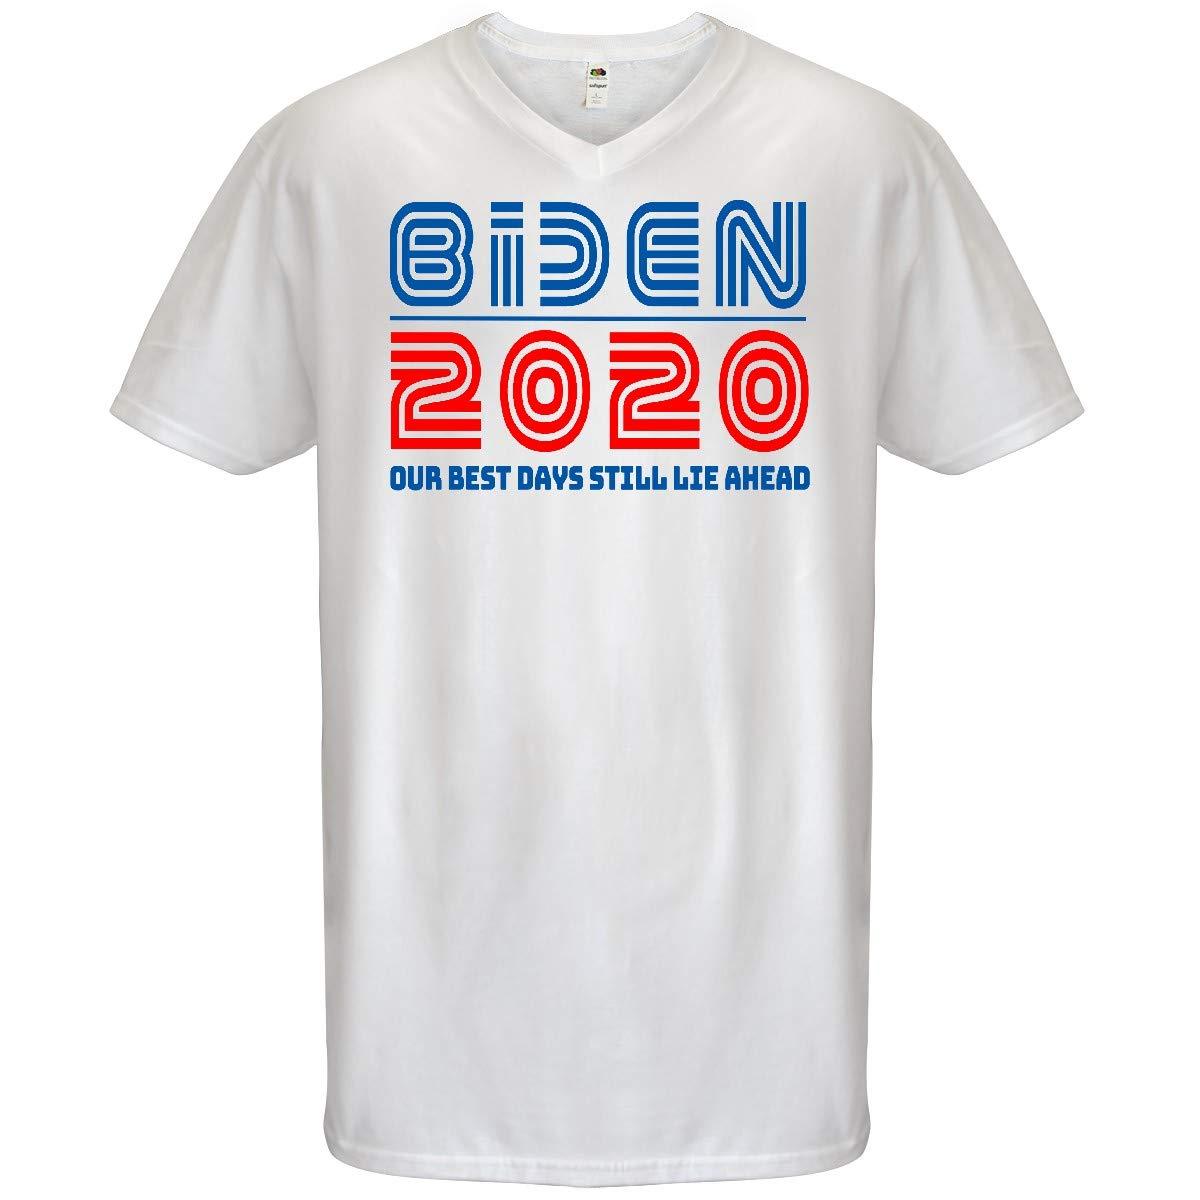 Elect Biden In 2020 Our Best Days Still Lie Ahead S T Shirt